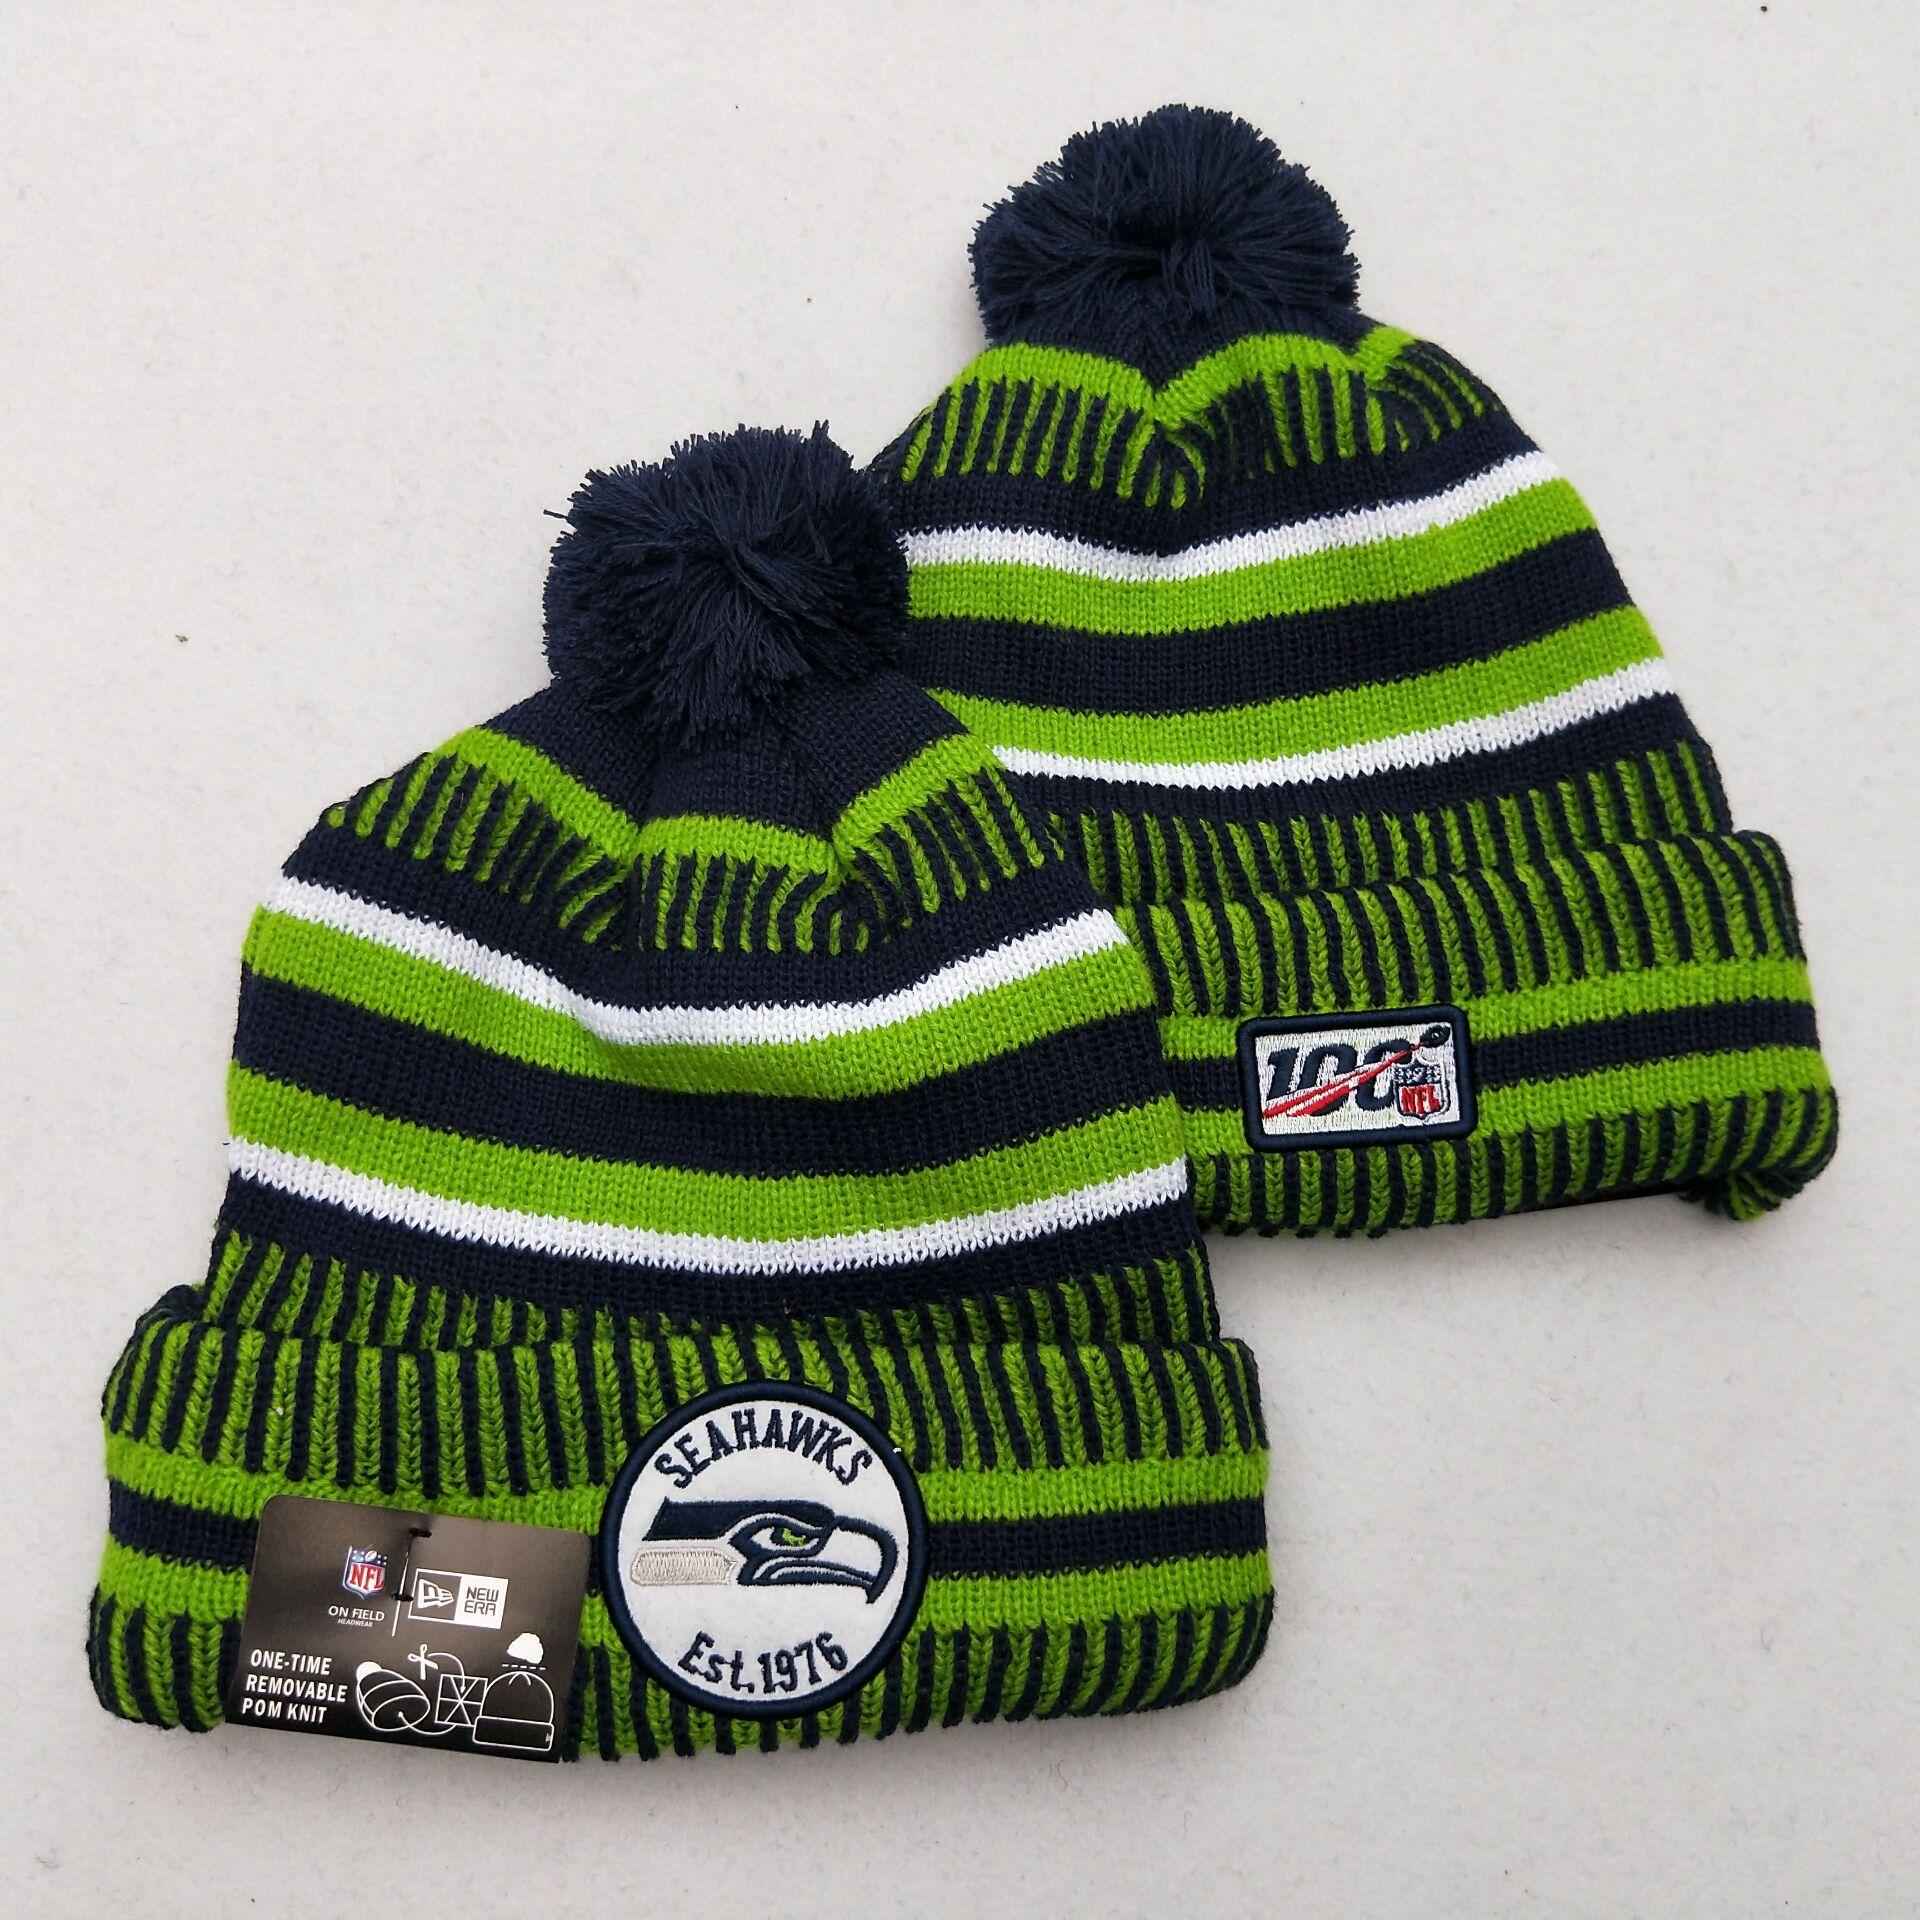 Seahawks Team Logo Green 100th Season Pom Knit Hat YD